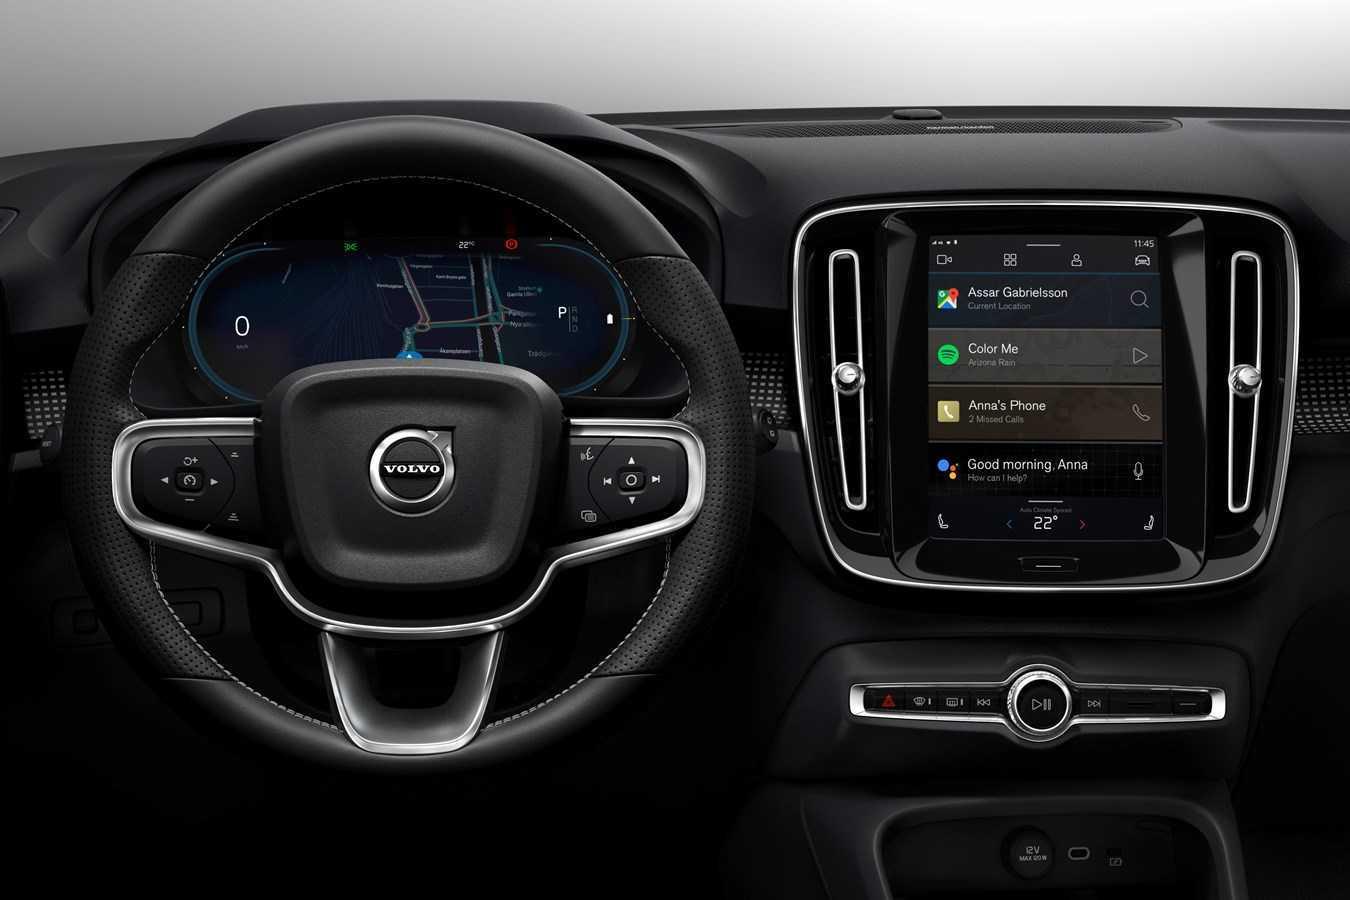 Ford parie sur Android et l'emportera sur des millions de voitures à tous les prix